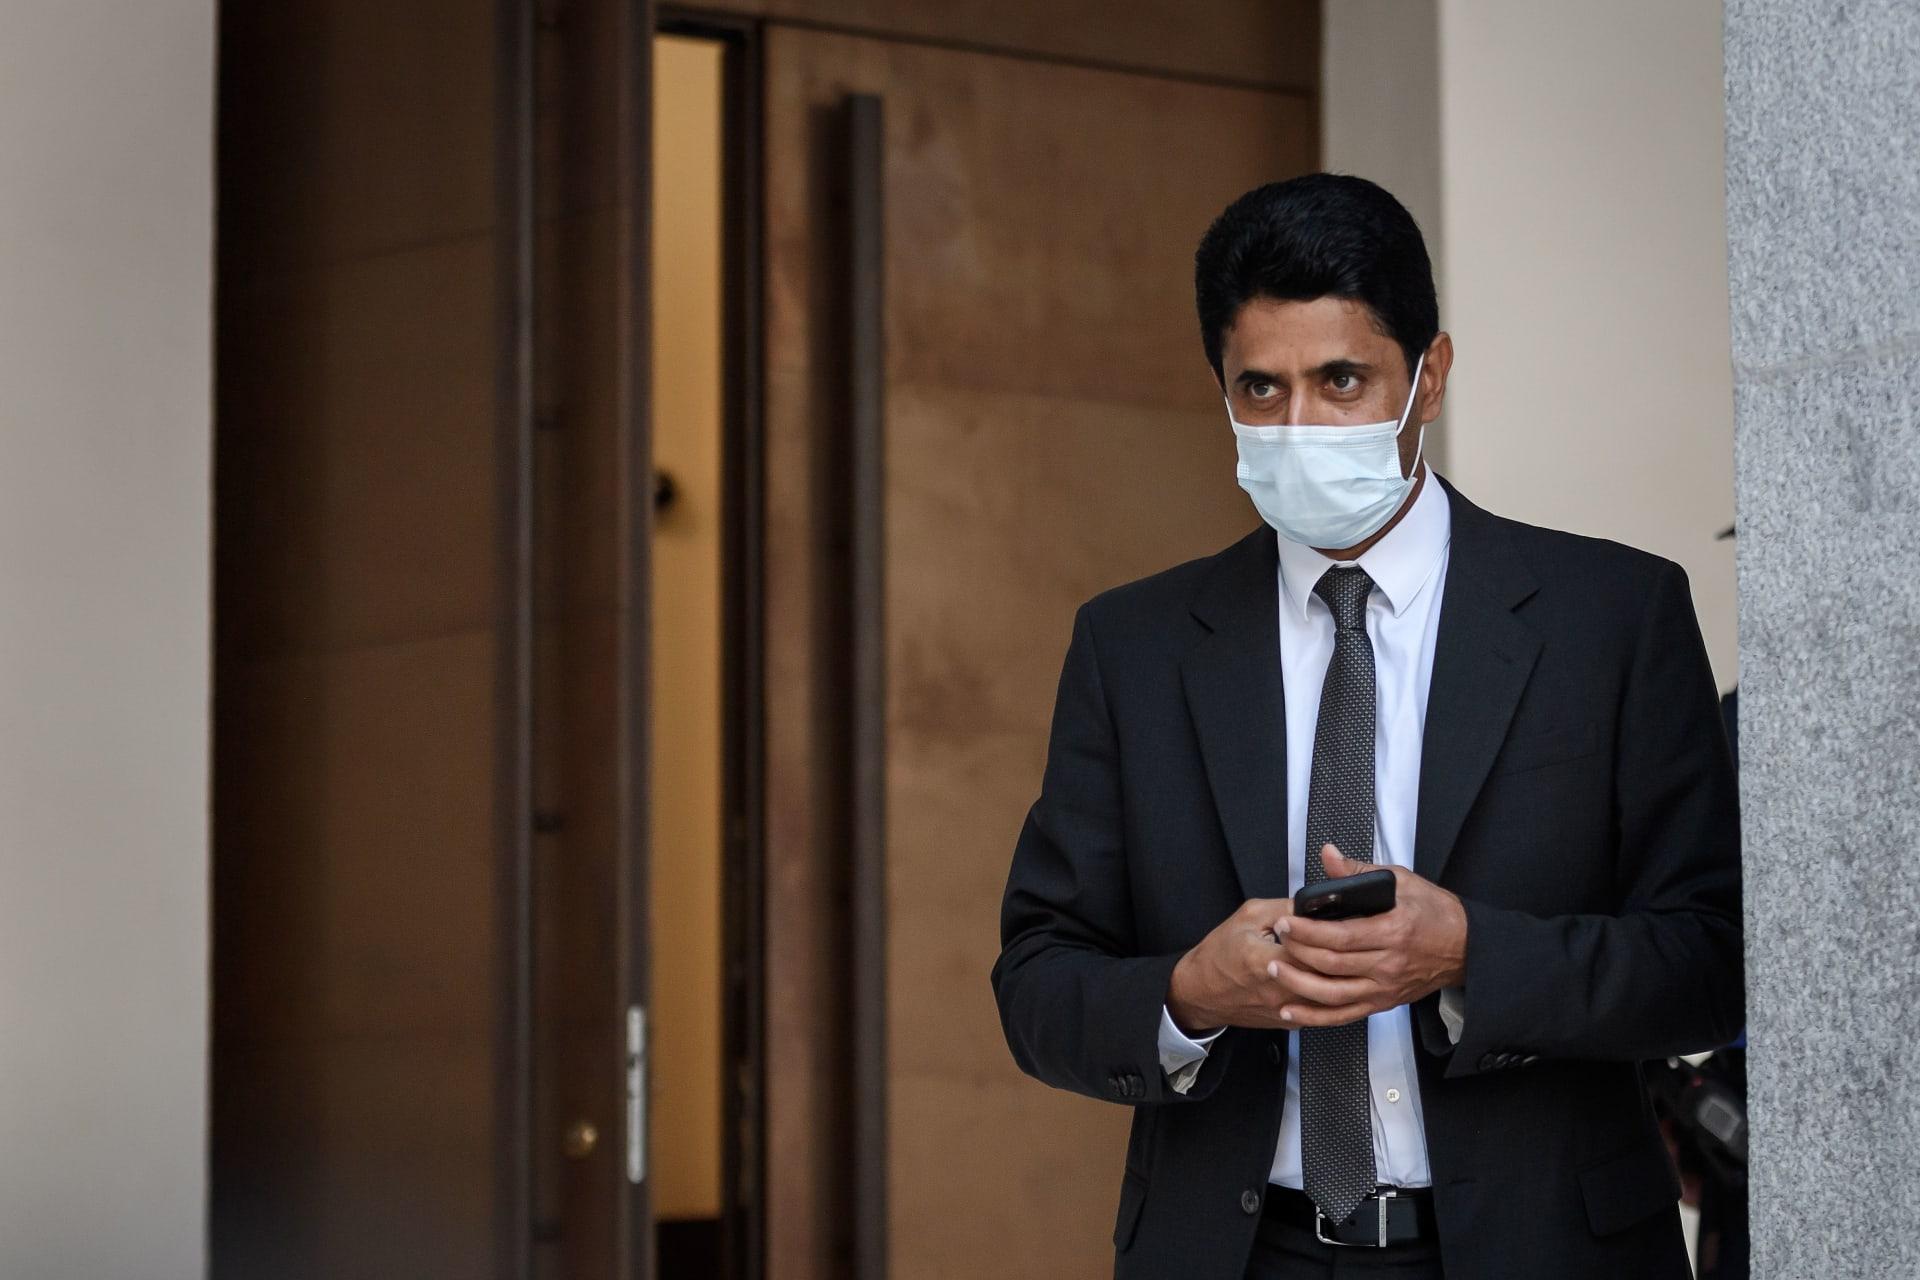 في بيان تلتقته CNN.. محامو ناصر الخليفي يردون على مطالبة الادعاء العام السويسري بسجنه 28 شهرا